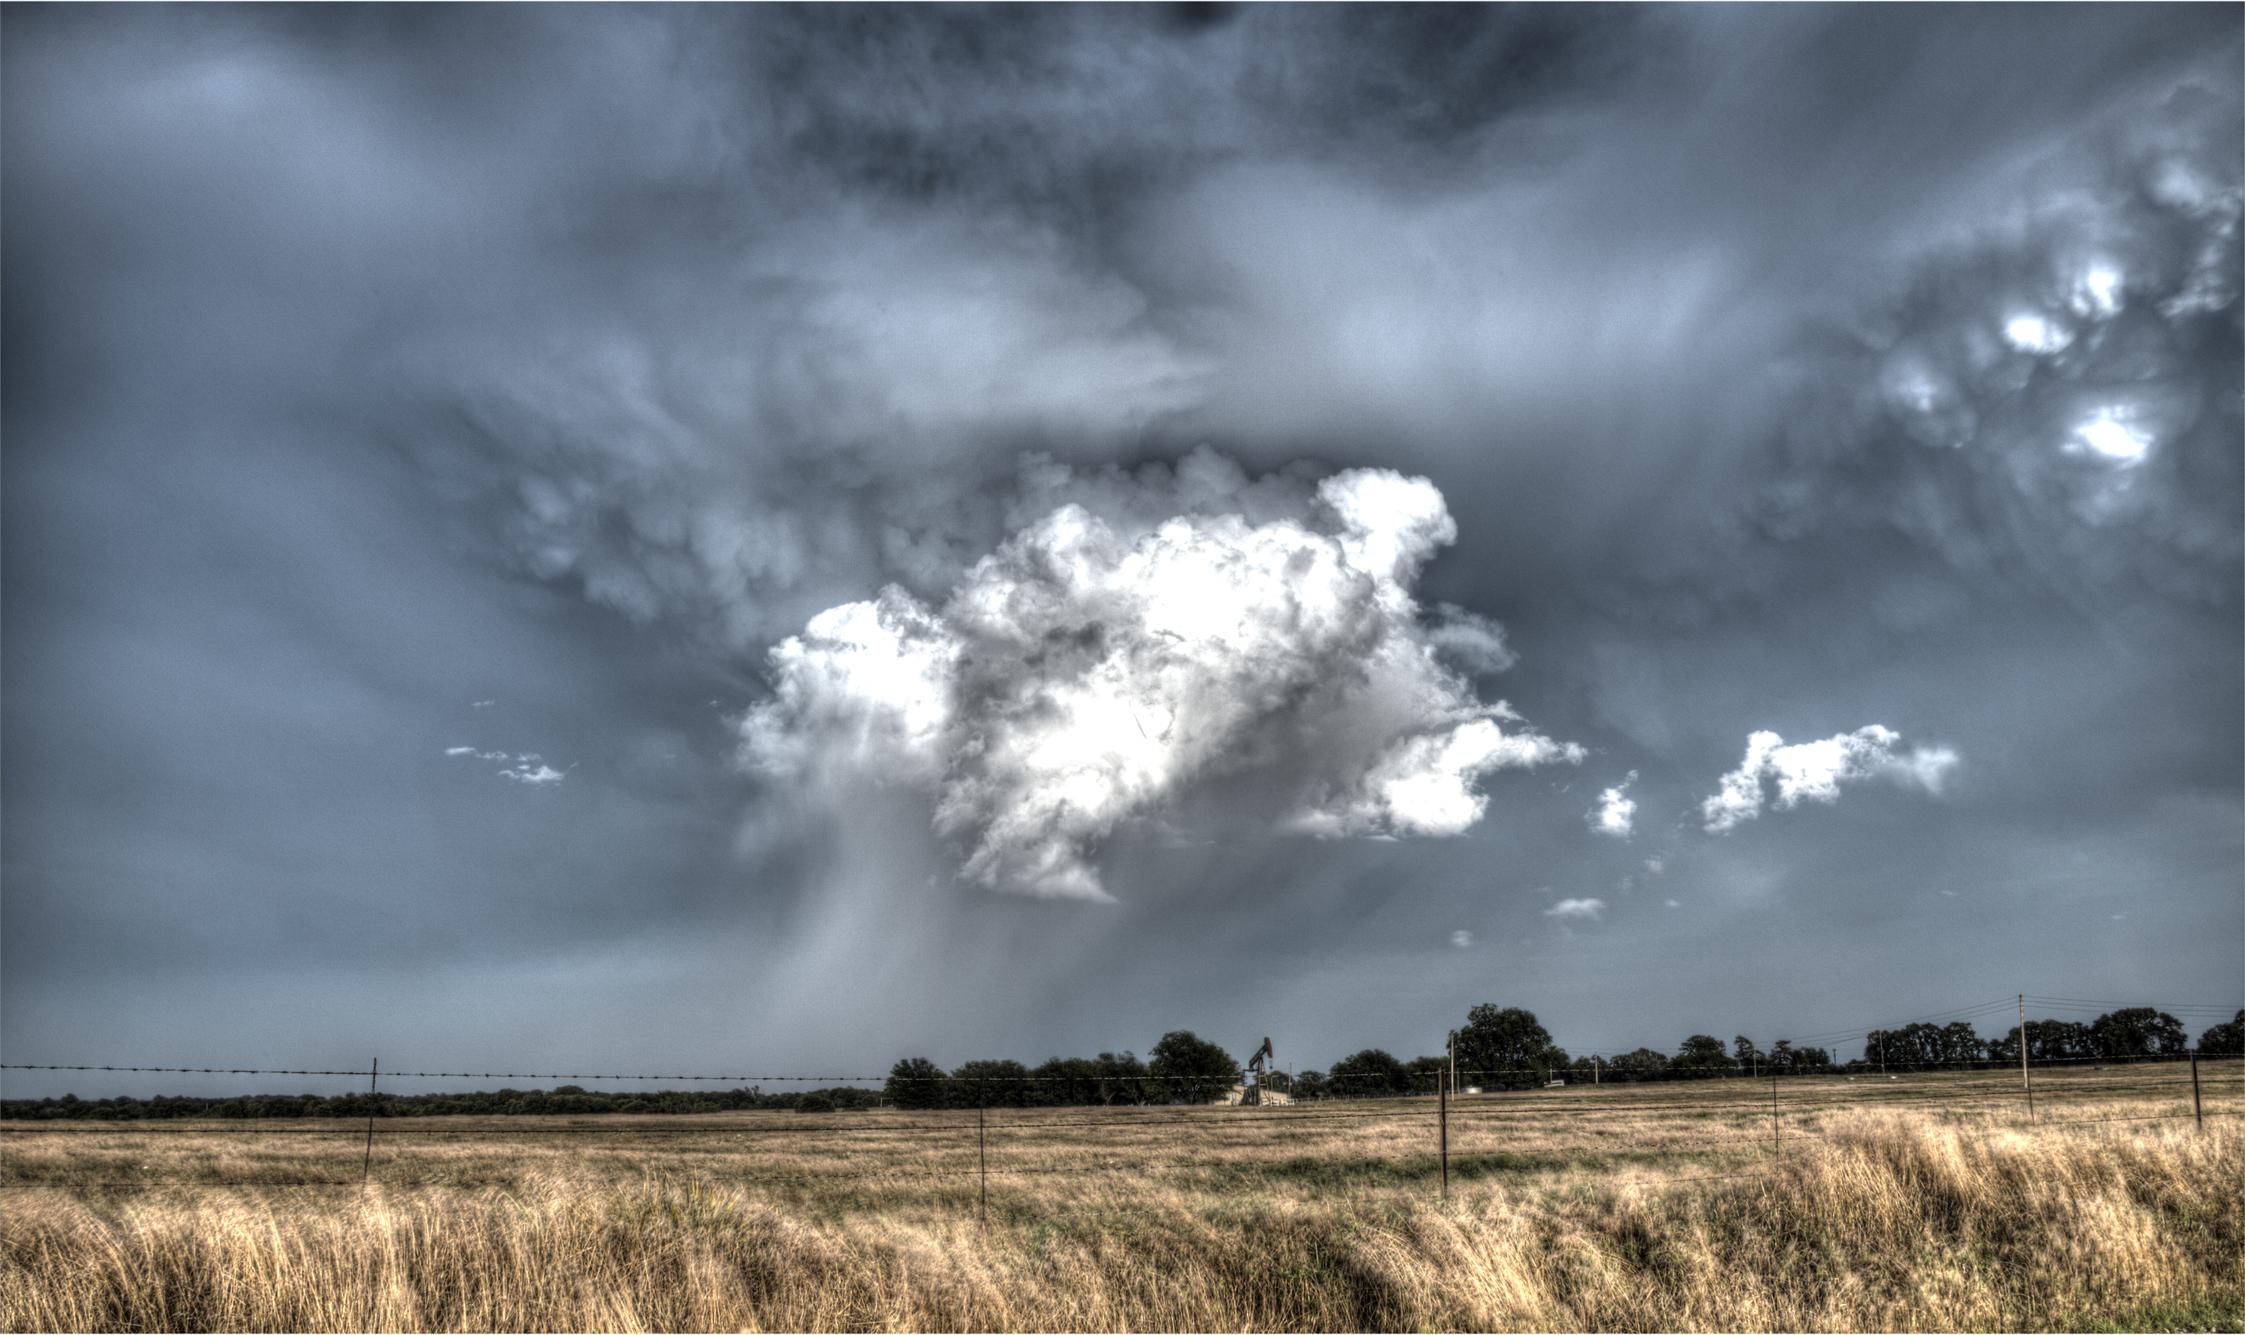 Storm clouds near an oil well